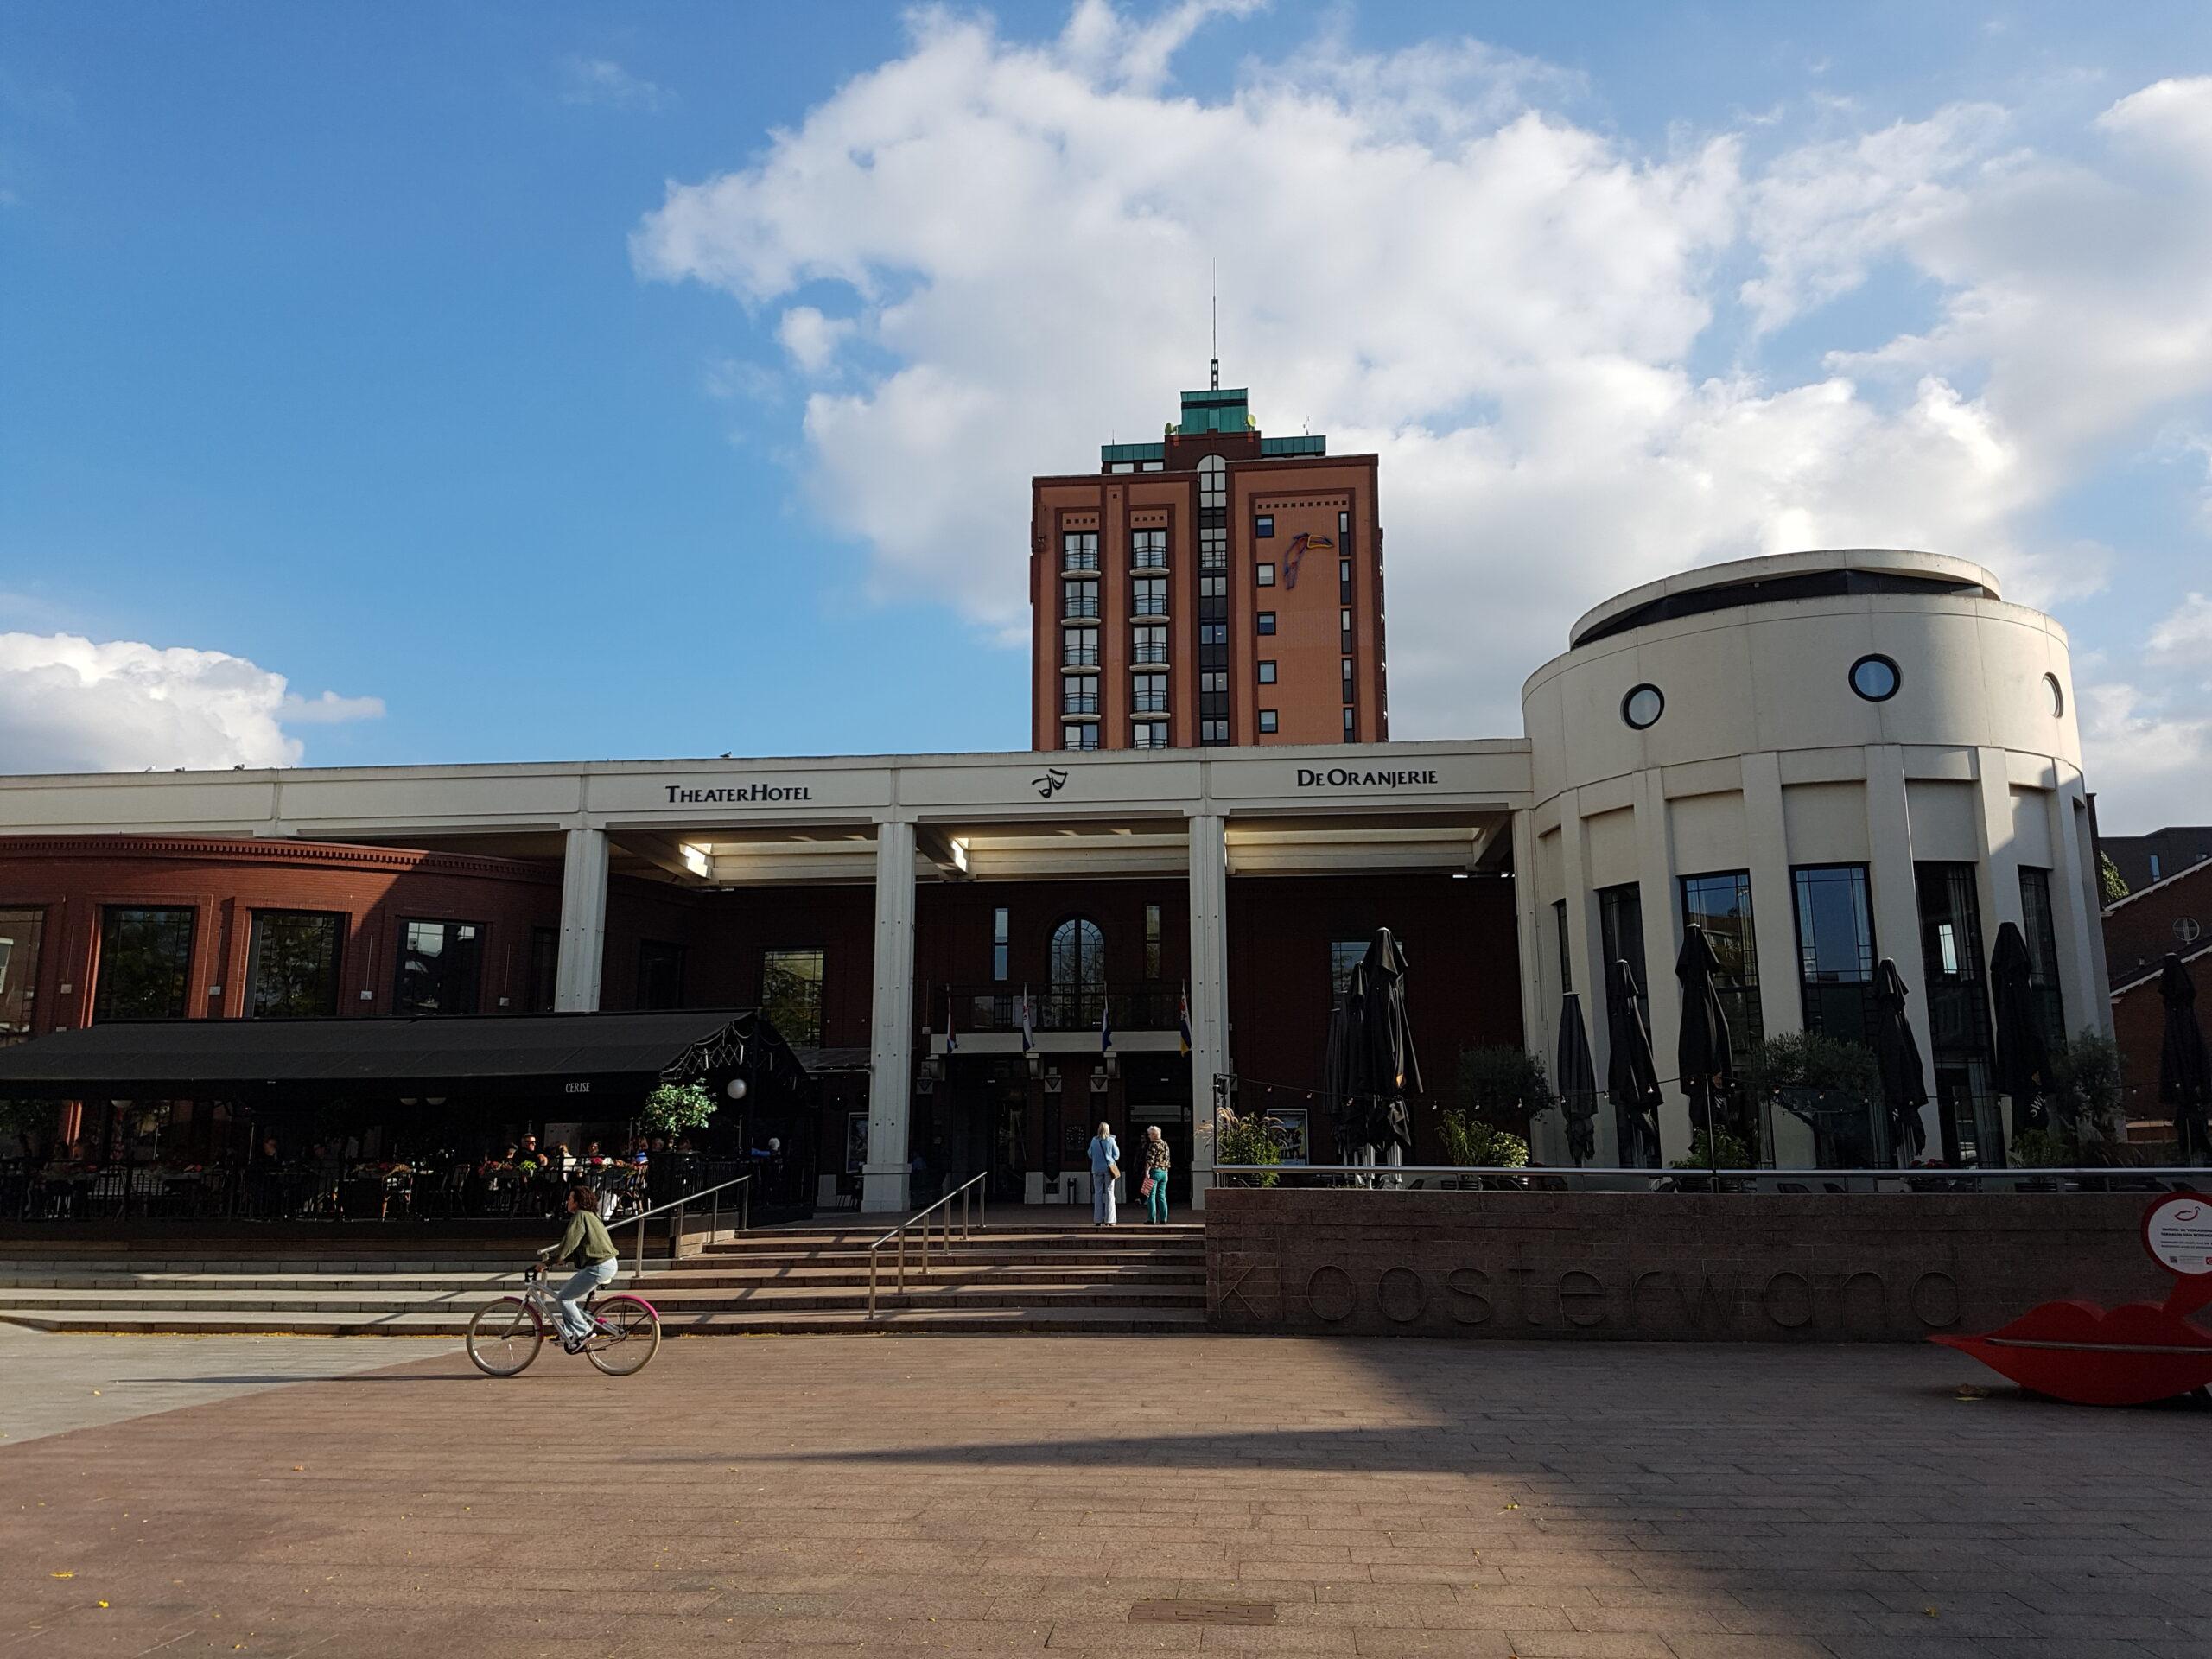 2021 Najaarsbijeenkomst Roermond